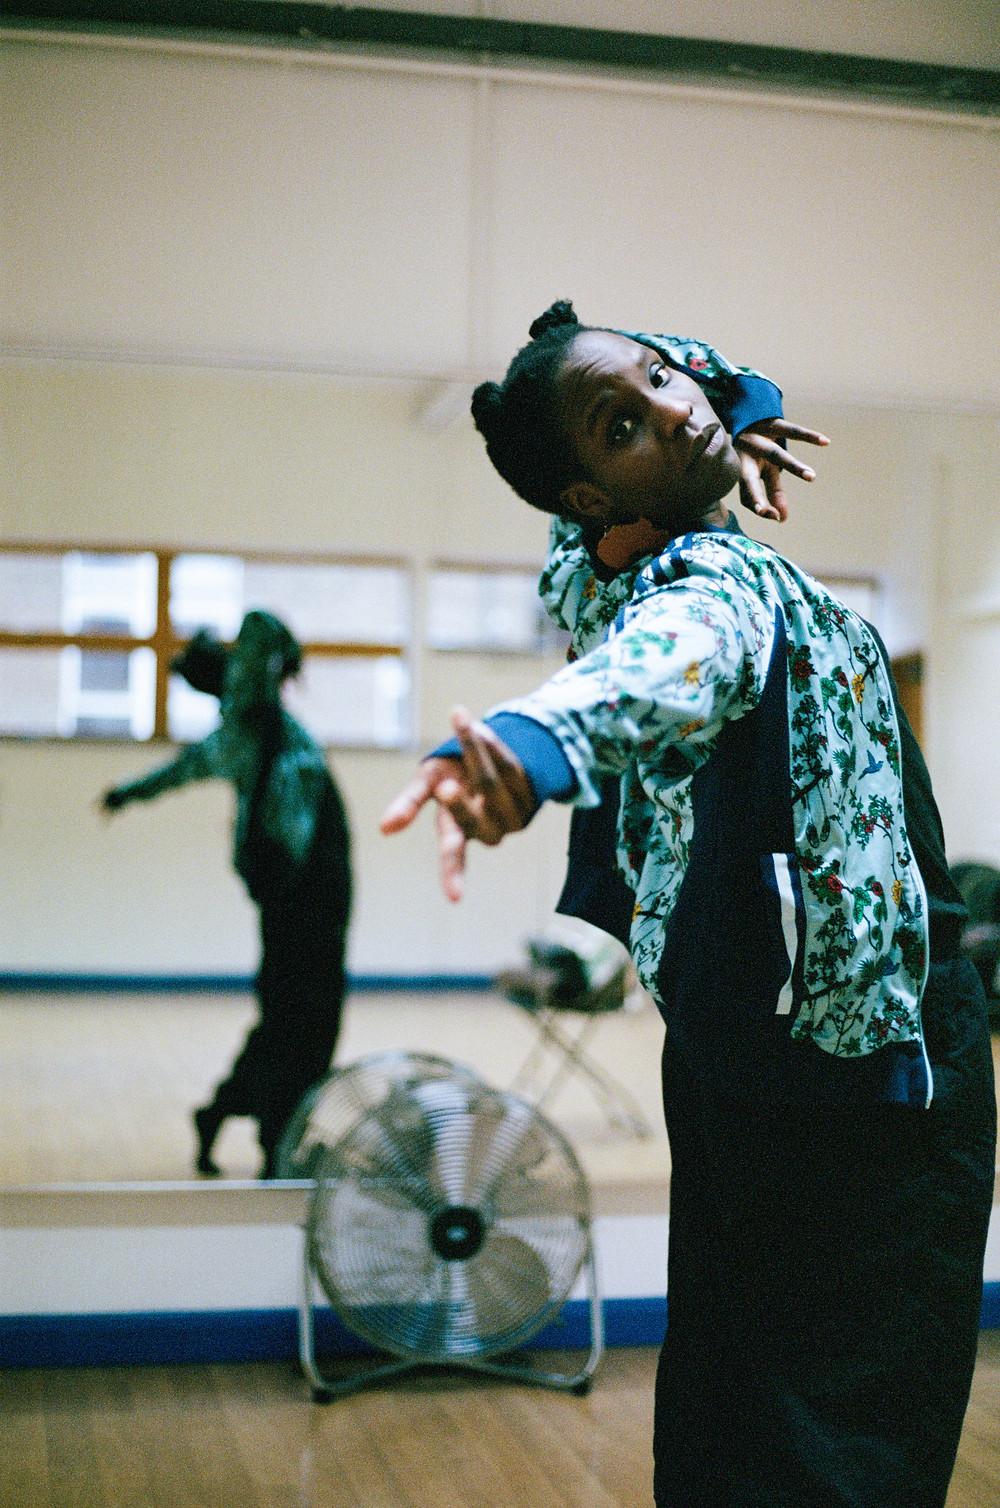 Valerie Ebuwa by @filmluar